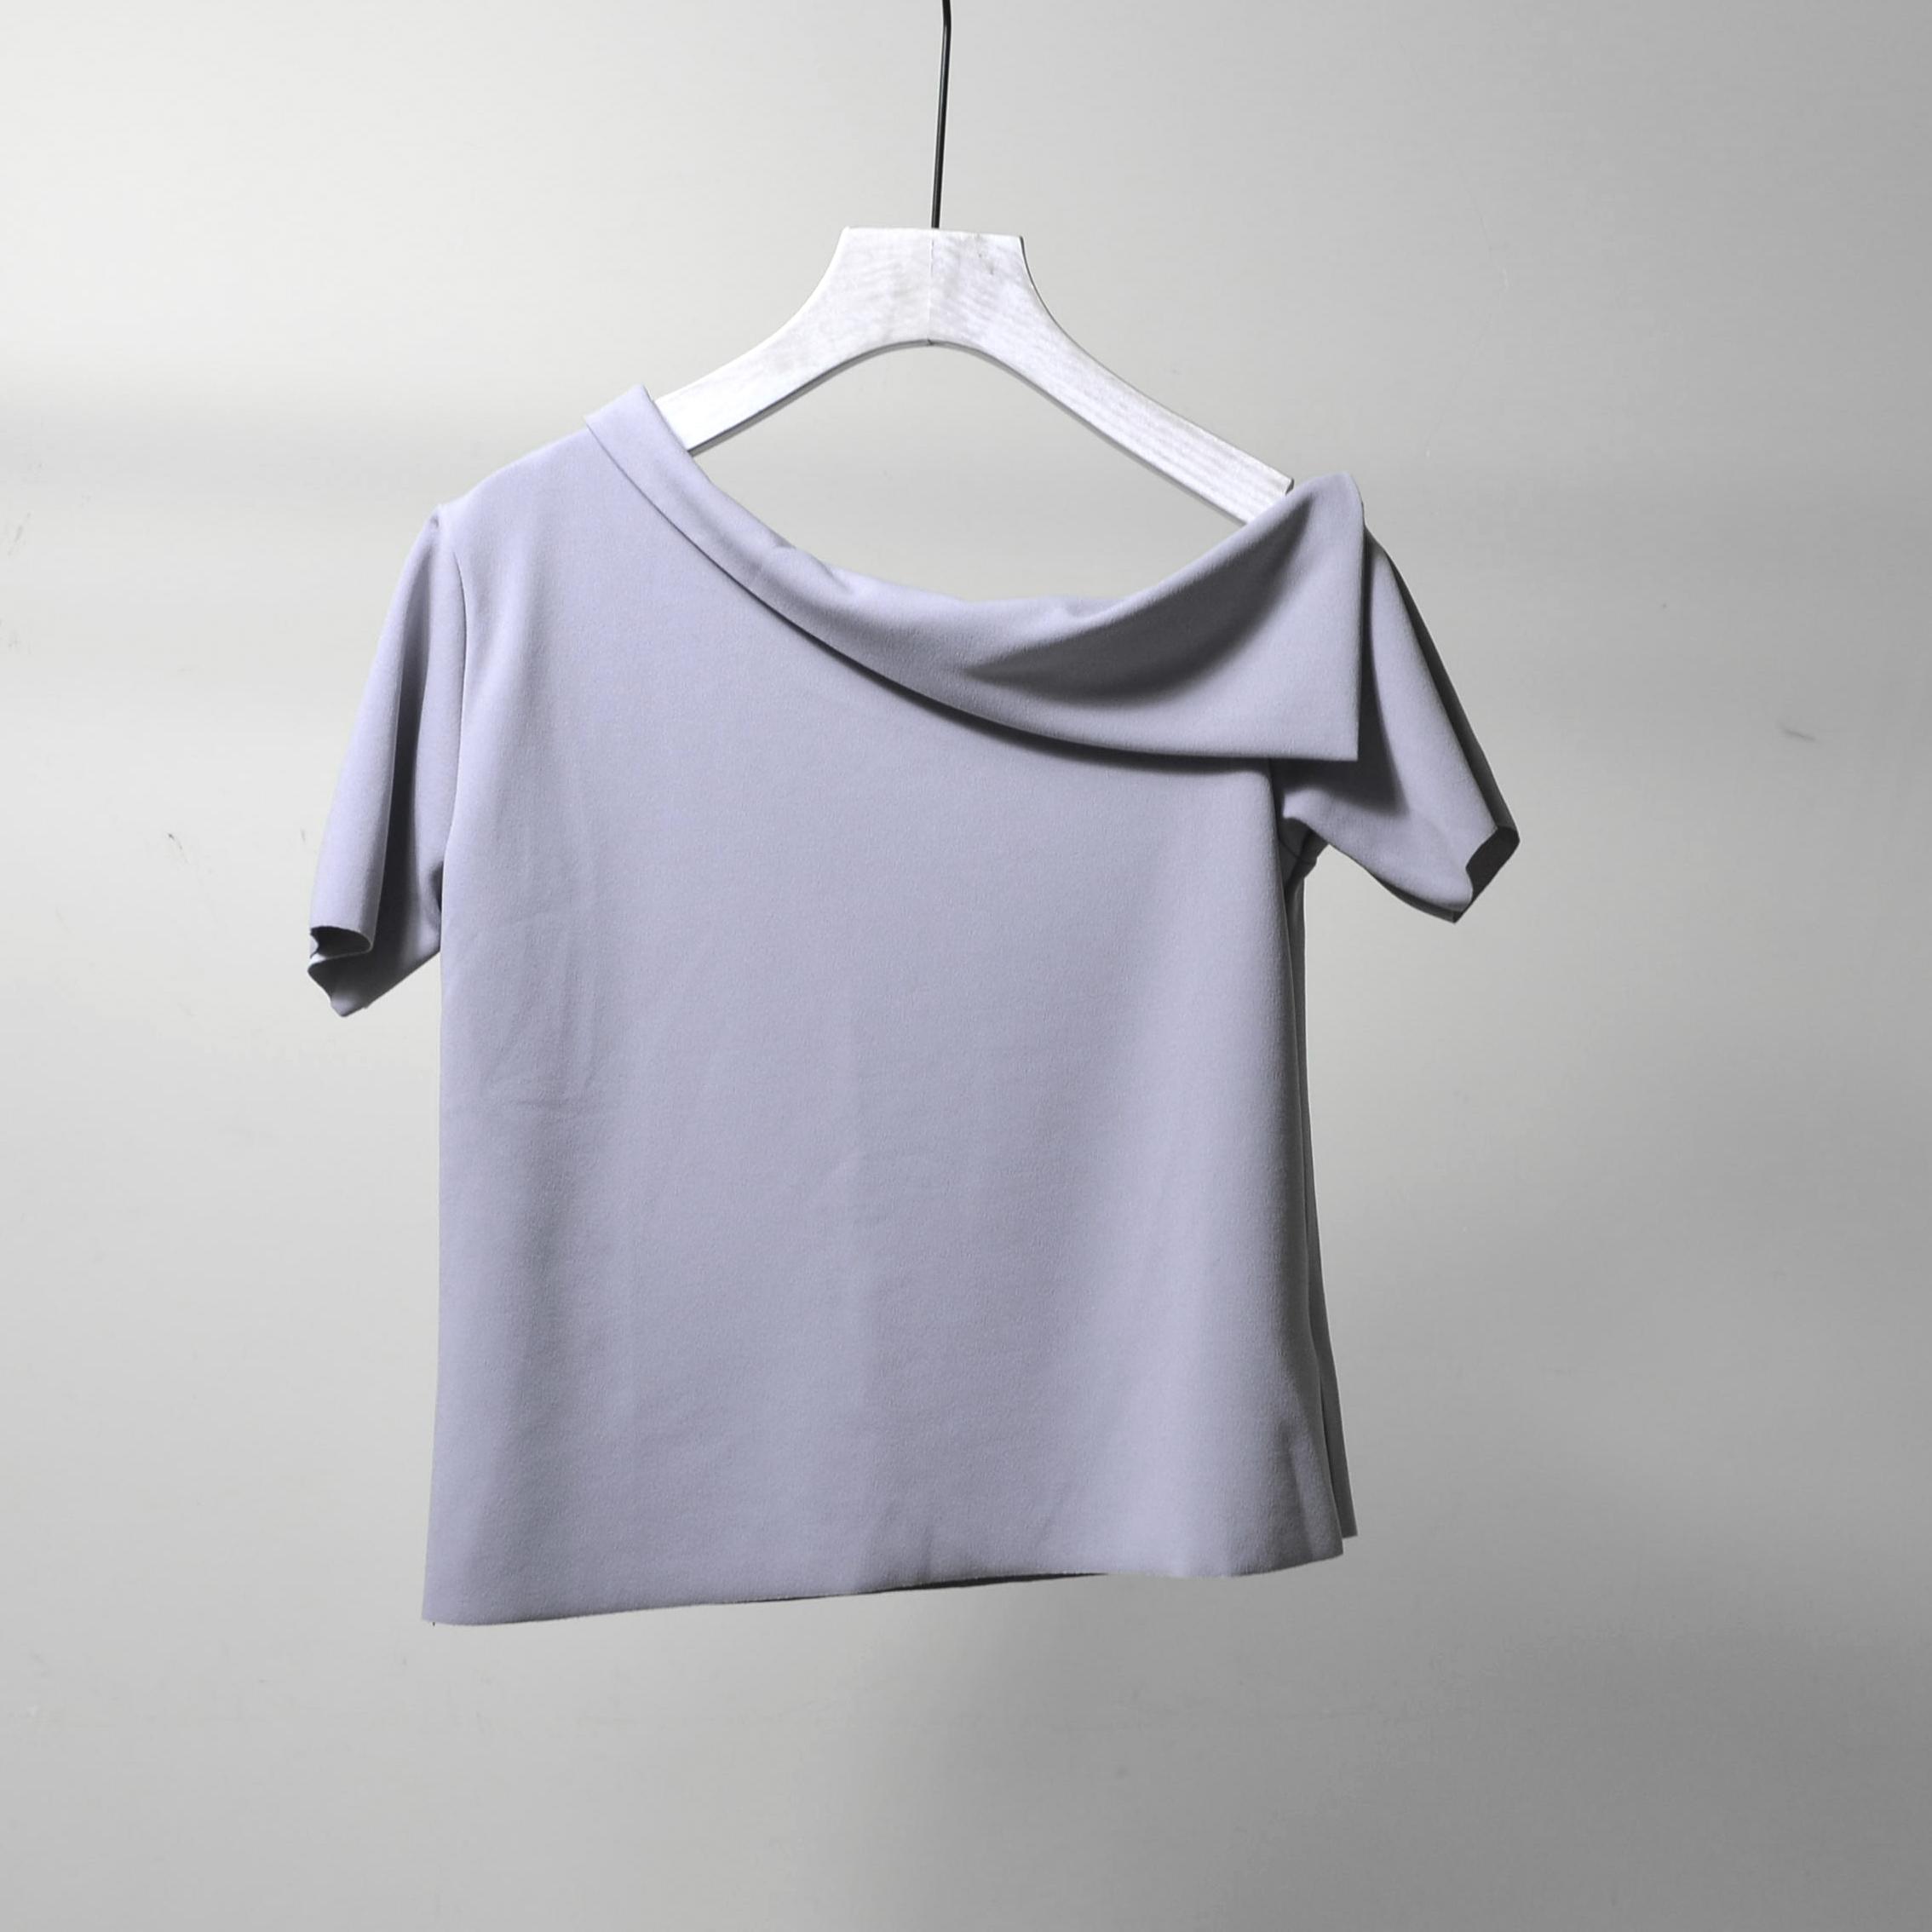 记◆系列商场撤柜专柜品牌折扣店剪标断码正品女装夏季斜肩衬衫